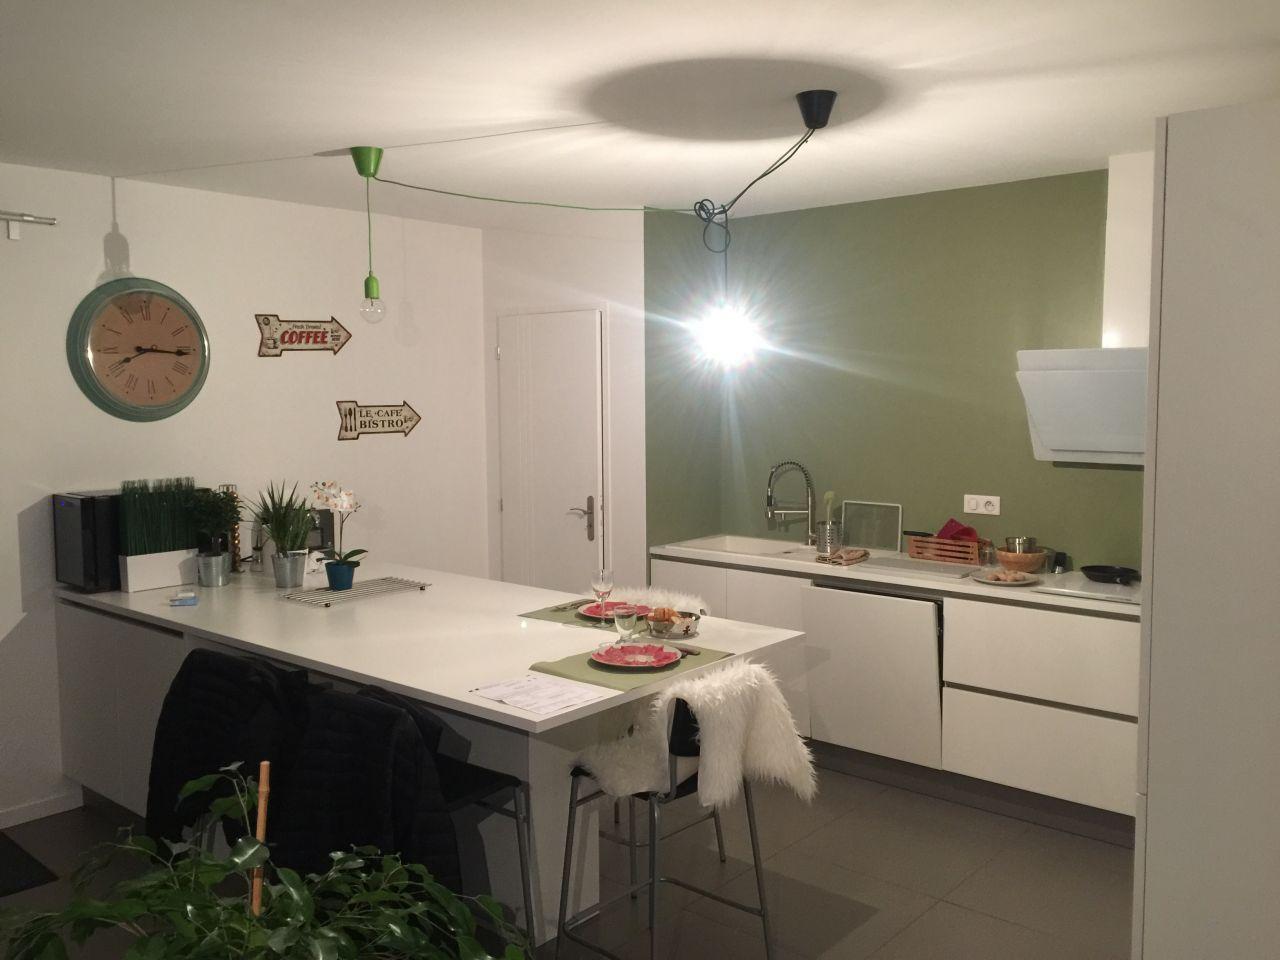 Installation cuisine montesquieu lauragais haute garonne for Cuisine installee prix